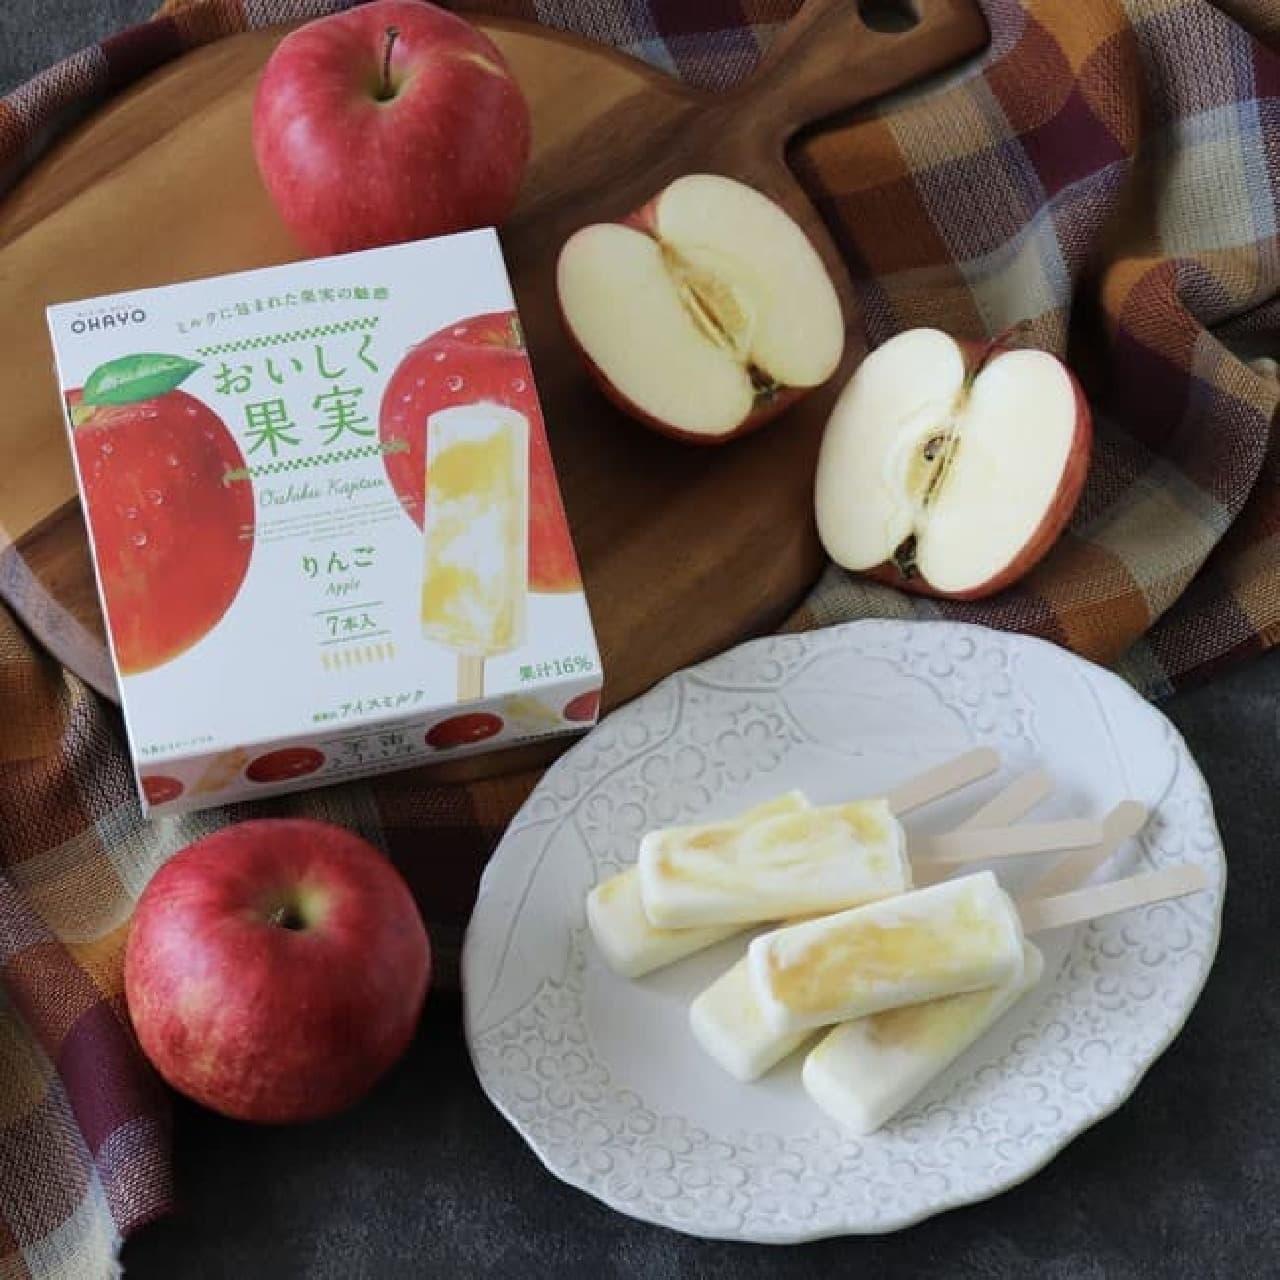 アイス新商品「おいしく果実 りんご」